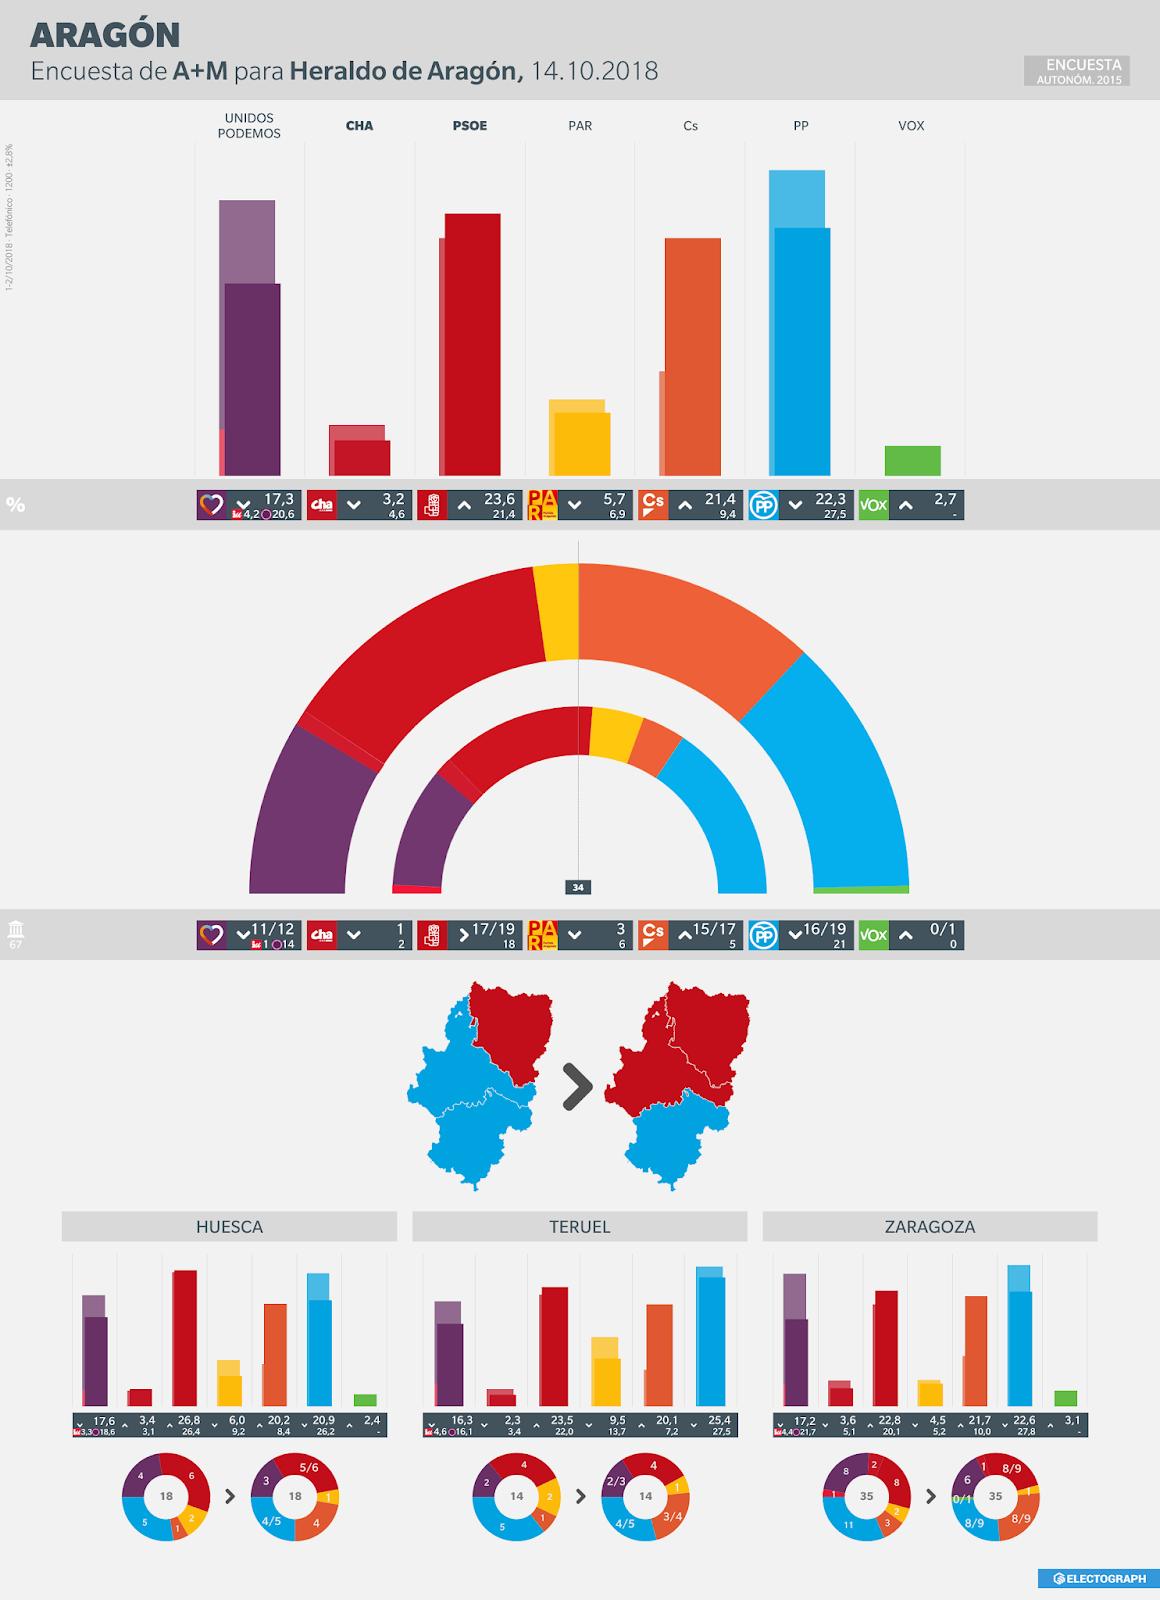 Gráfico de la encuesta para elecciones autonómicas en Aragón realizada por A+M para Heraldo en octubre de 2018